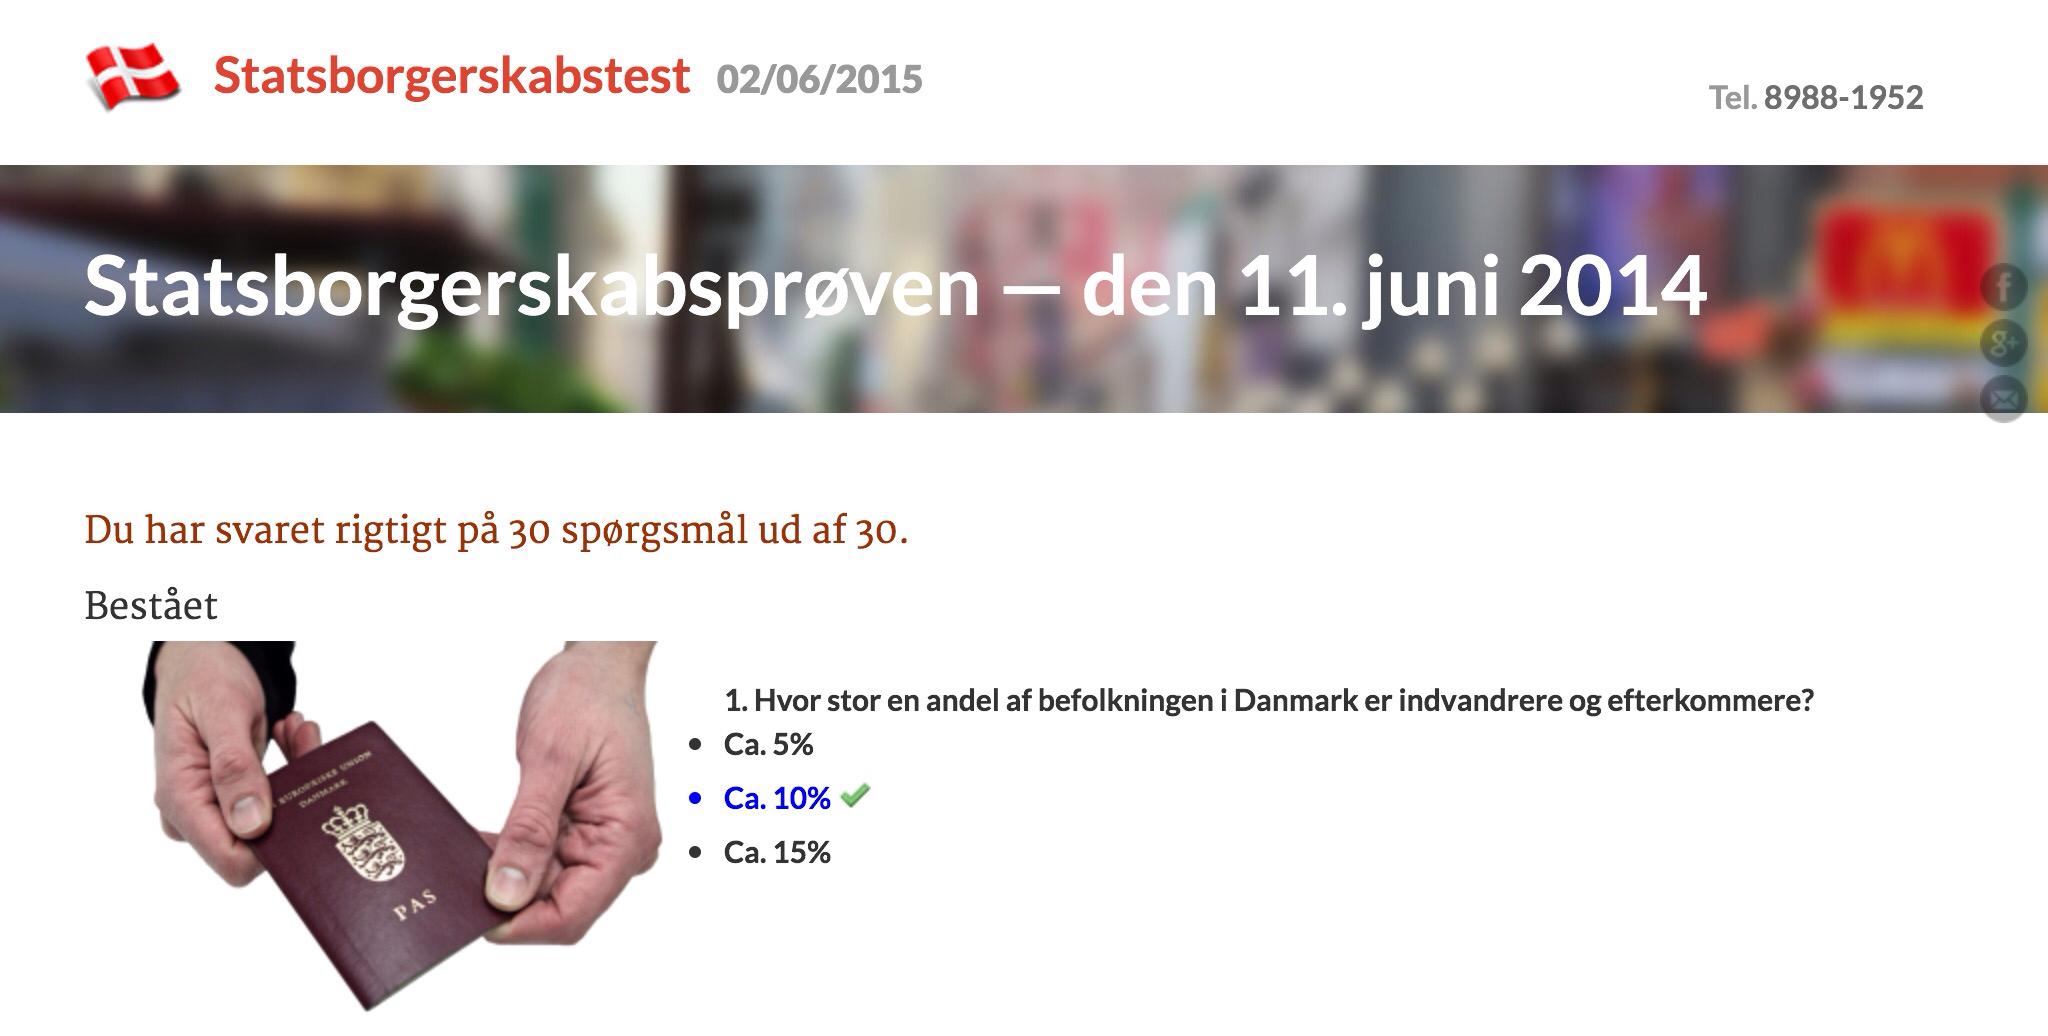 Weeeh! Jeg klarede statsborgerskabsprøven af den 11. juni 2014!